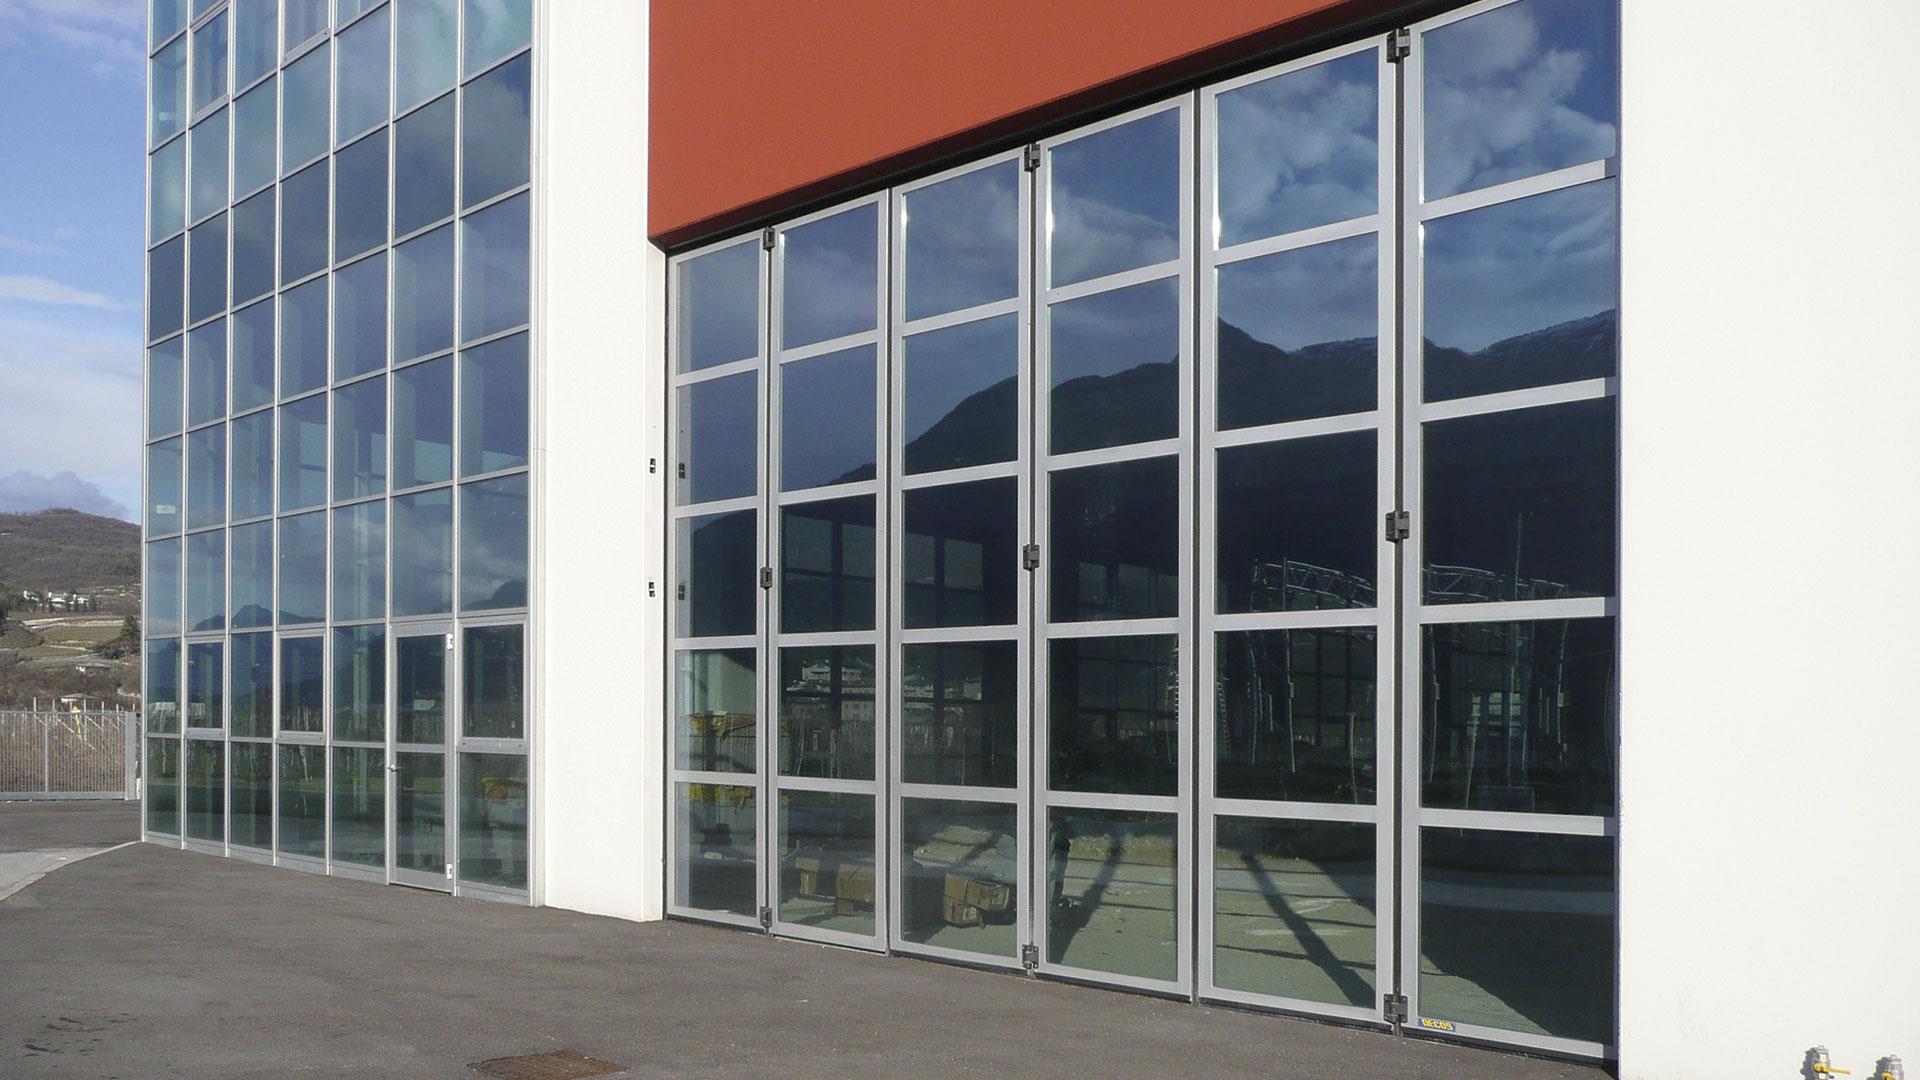 Chiusure vetrate